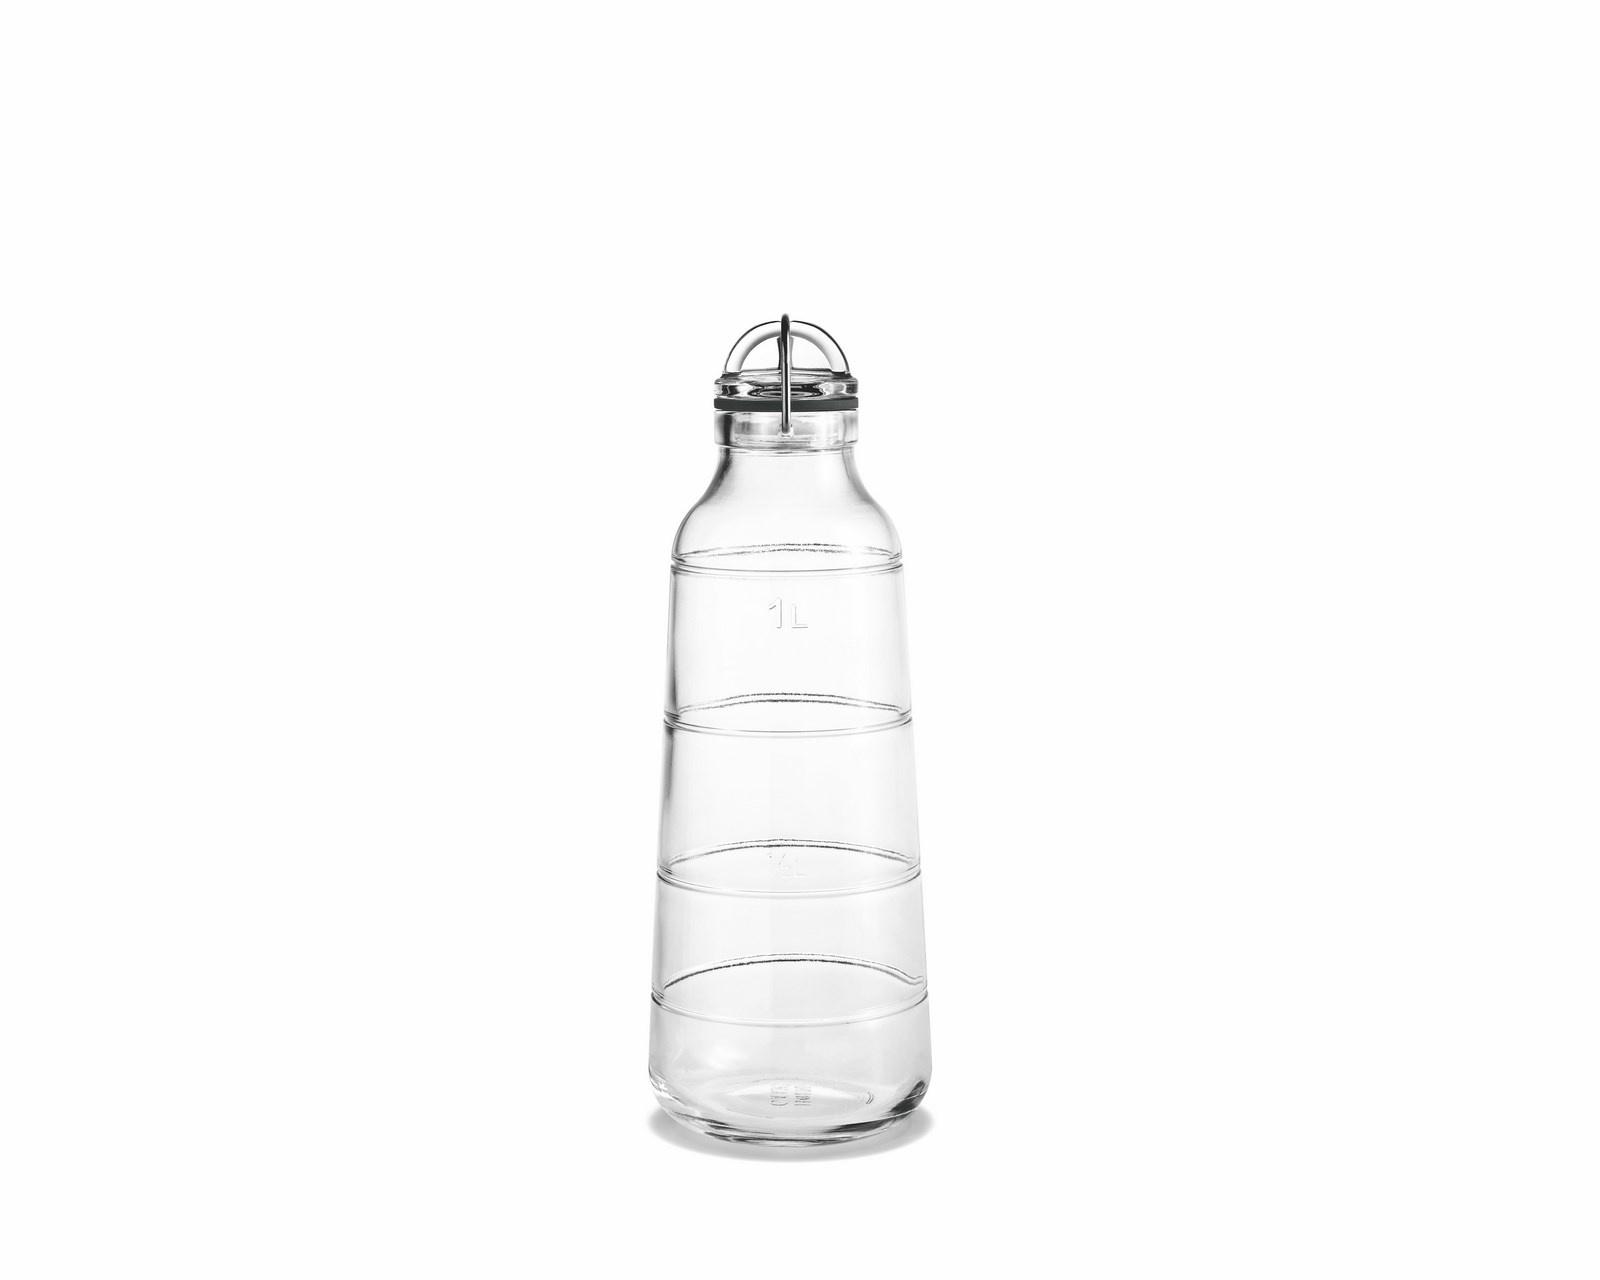 Holmegaard Scala flaske, 1 liter